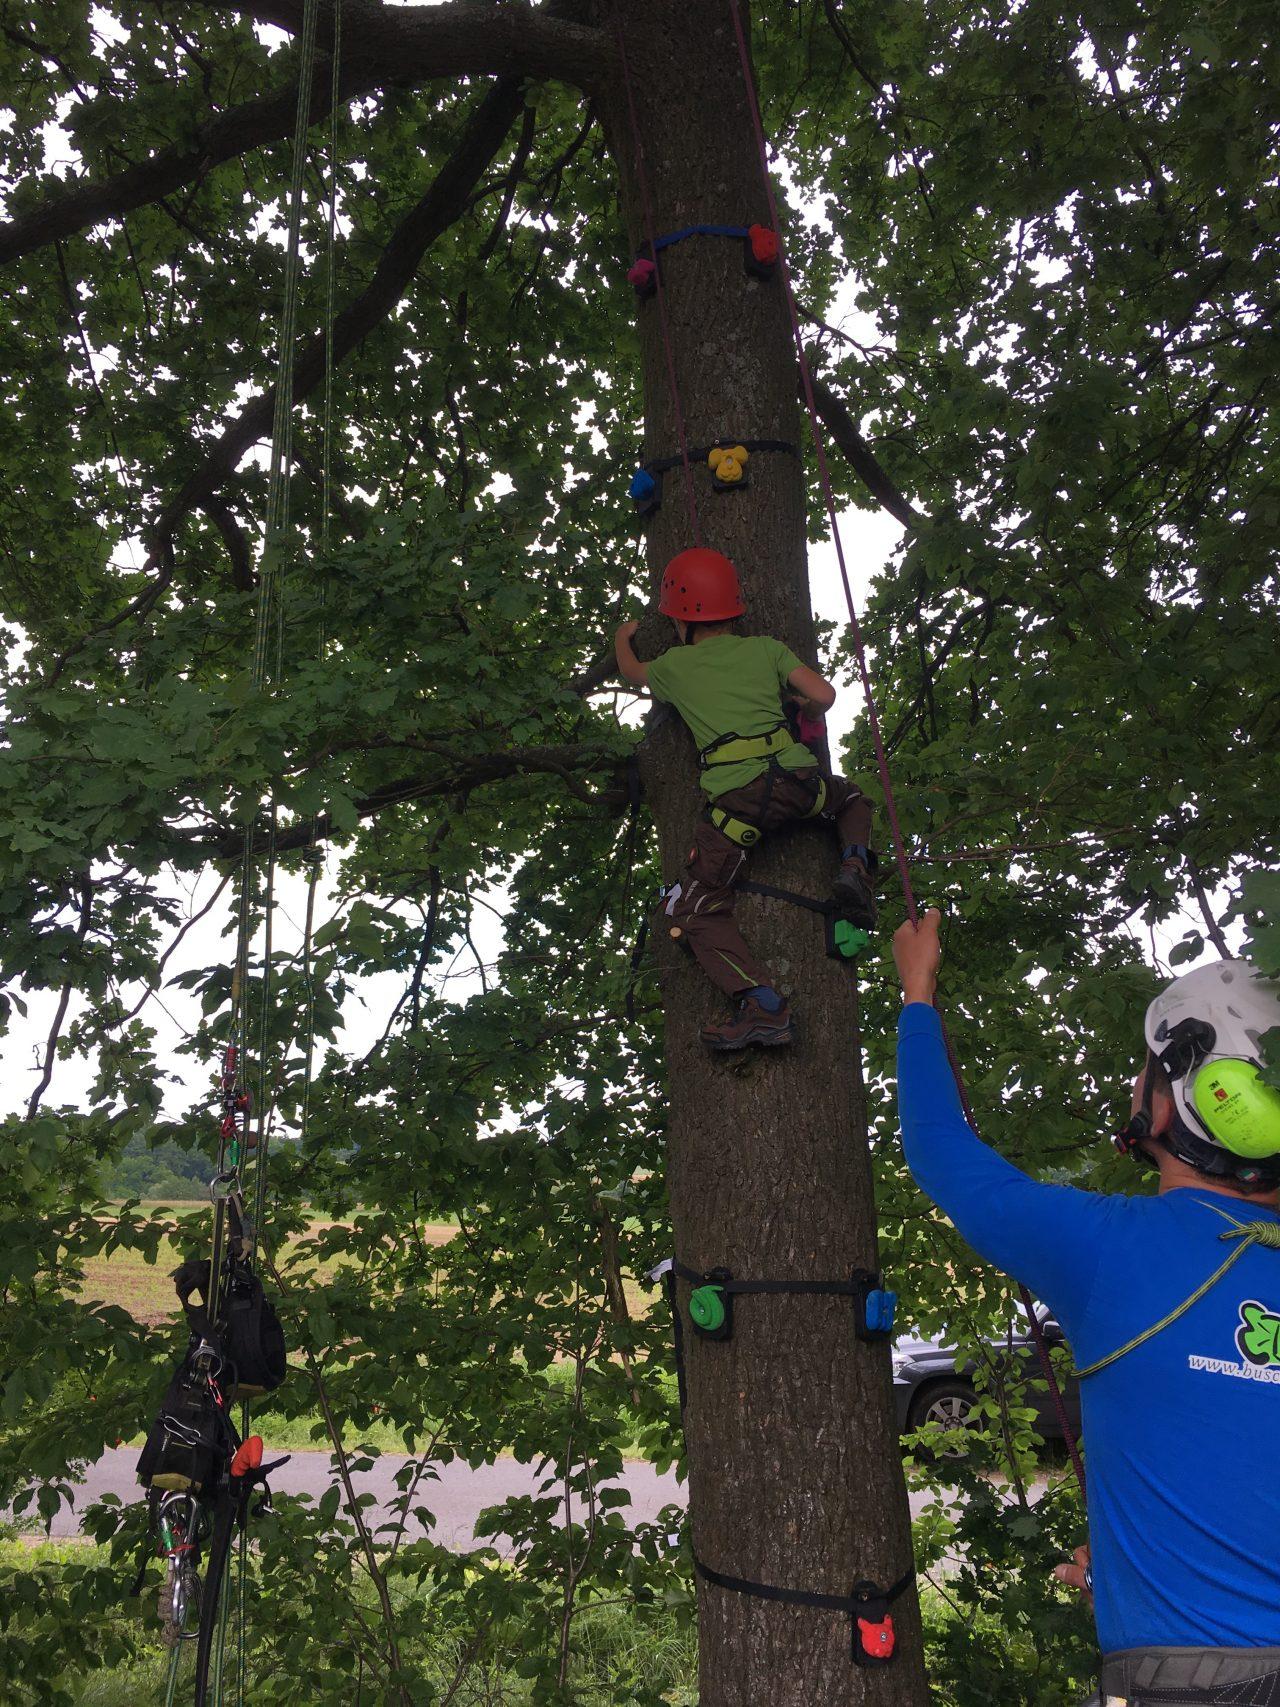 Kinderklettern mit Tree Monkey Klettergriffen - Busch Baumpflege